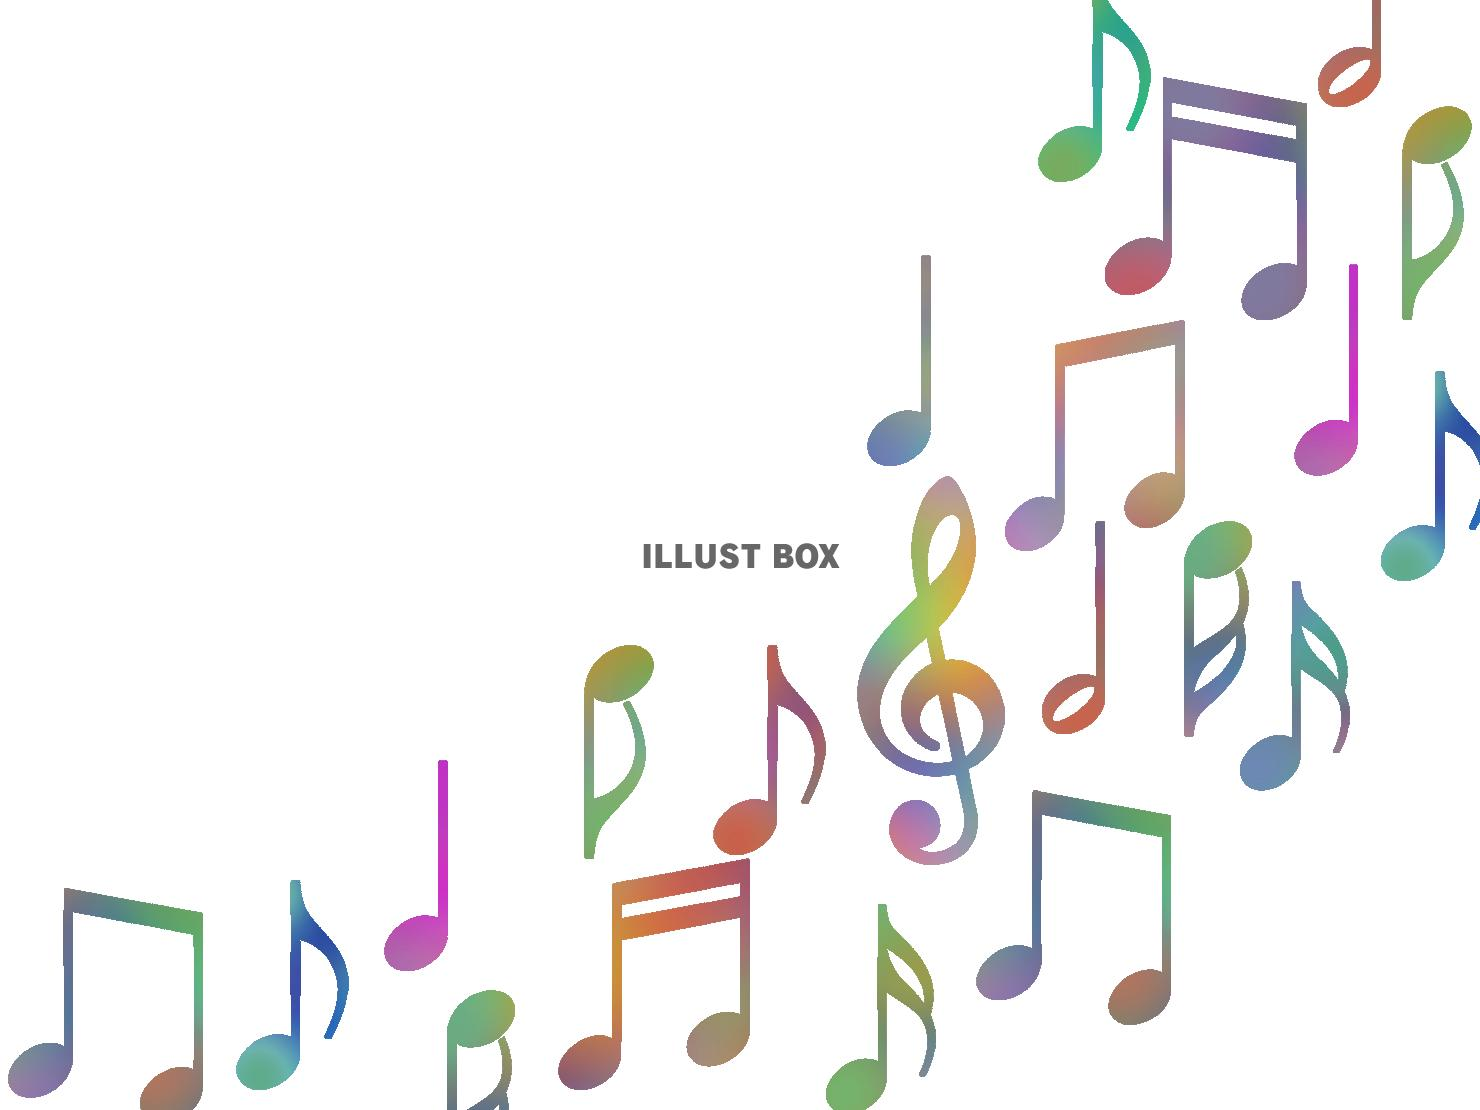 無料イラスト 音符壁紙画像カラフル音楽背景素材イラスト 透過png